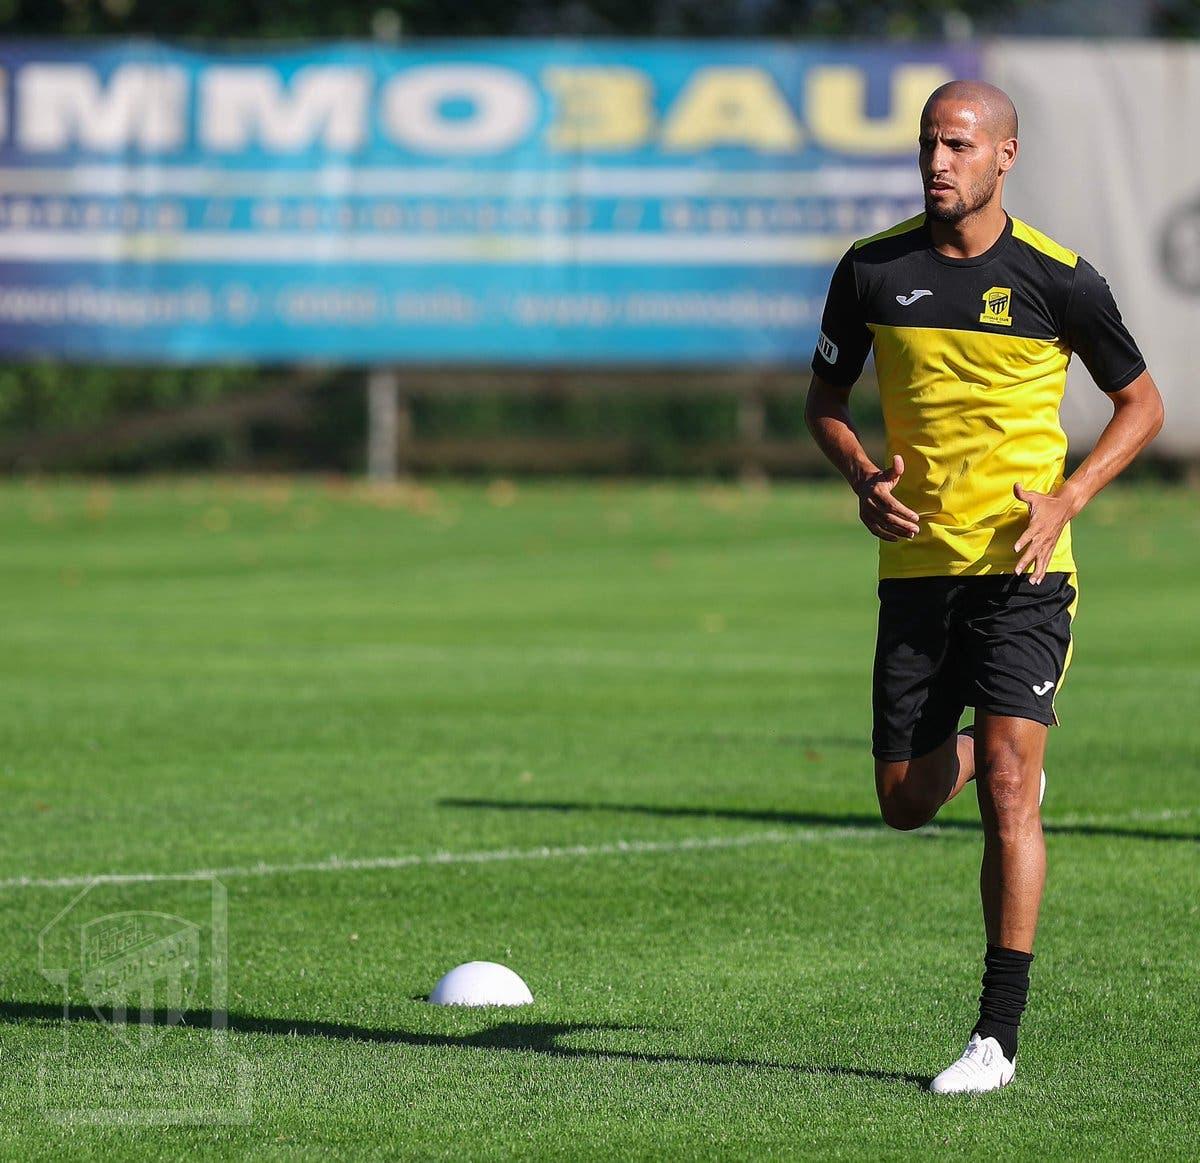 كريم الأحمدي لاعب اتحاد جدة